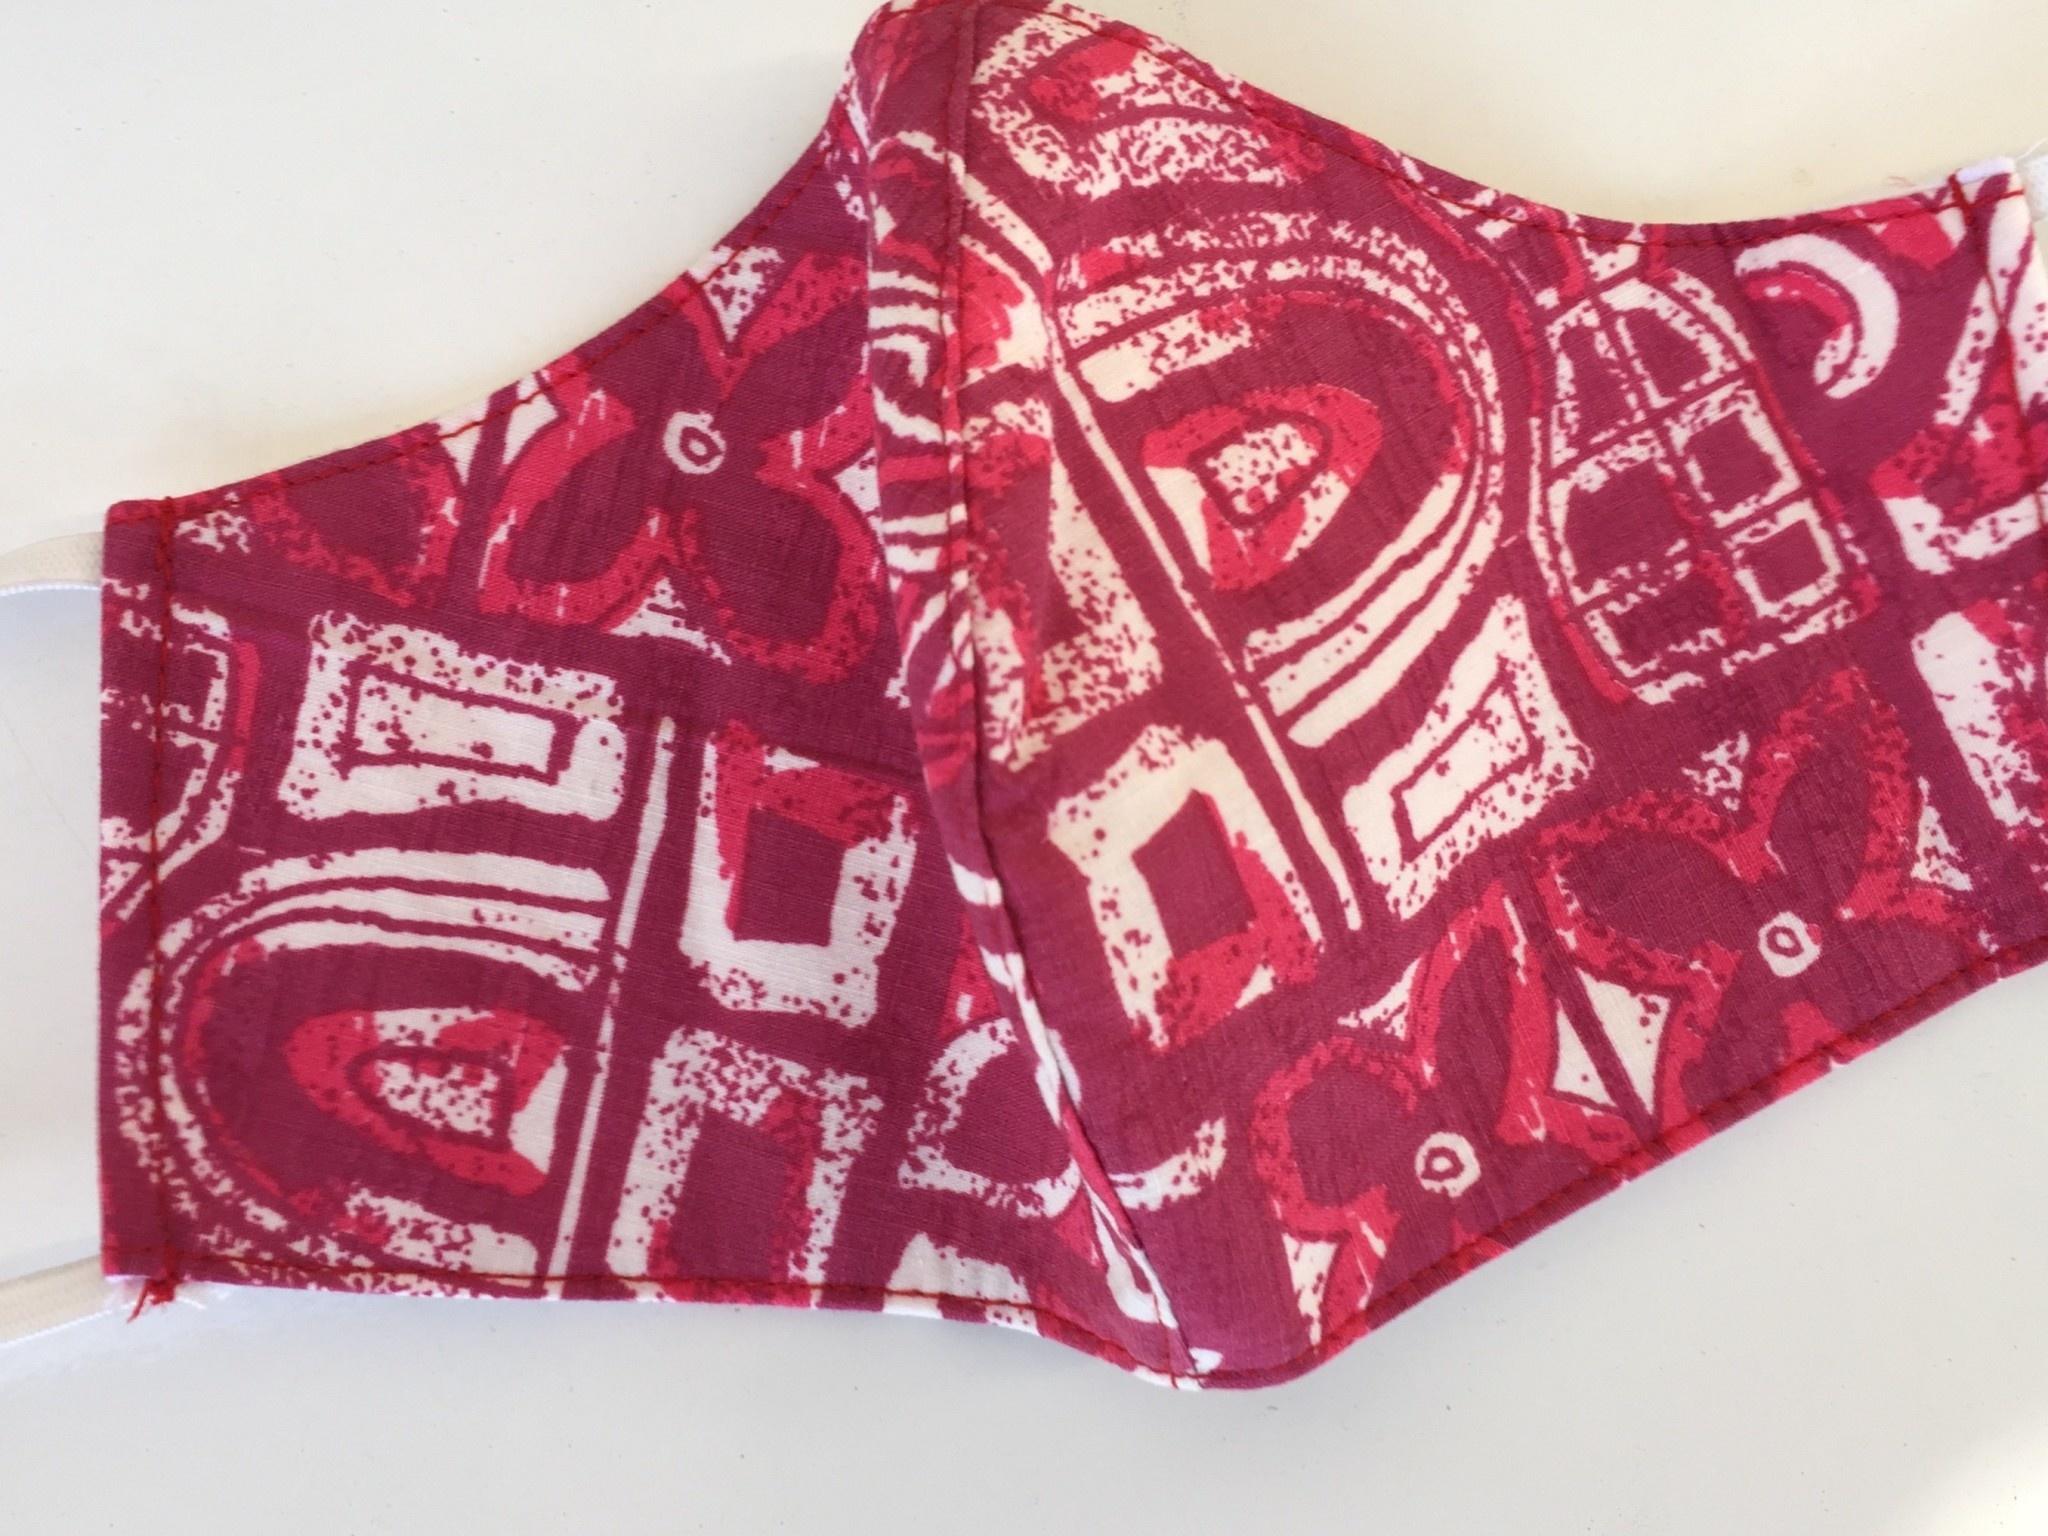 Bayside Masks Bayside Masks Reyn Spooner 10 (red)(SALE40)